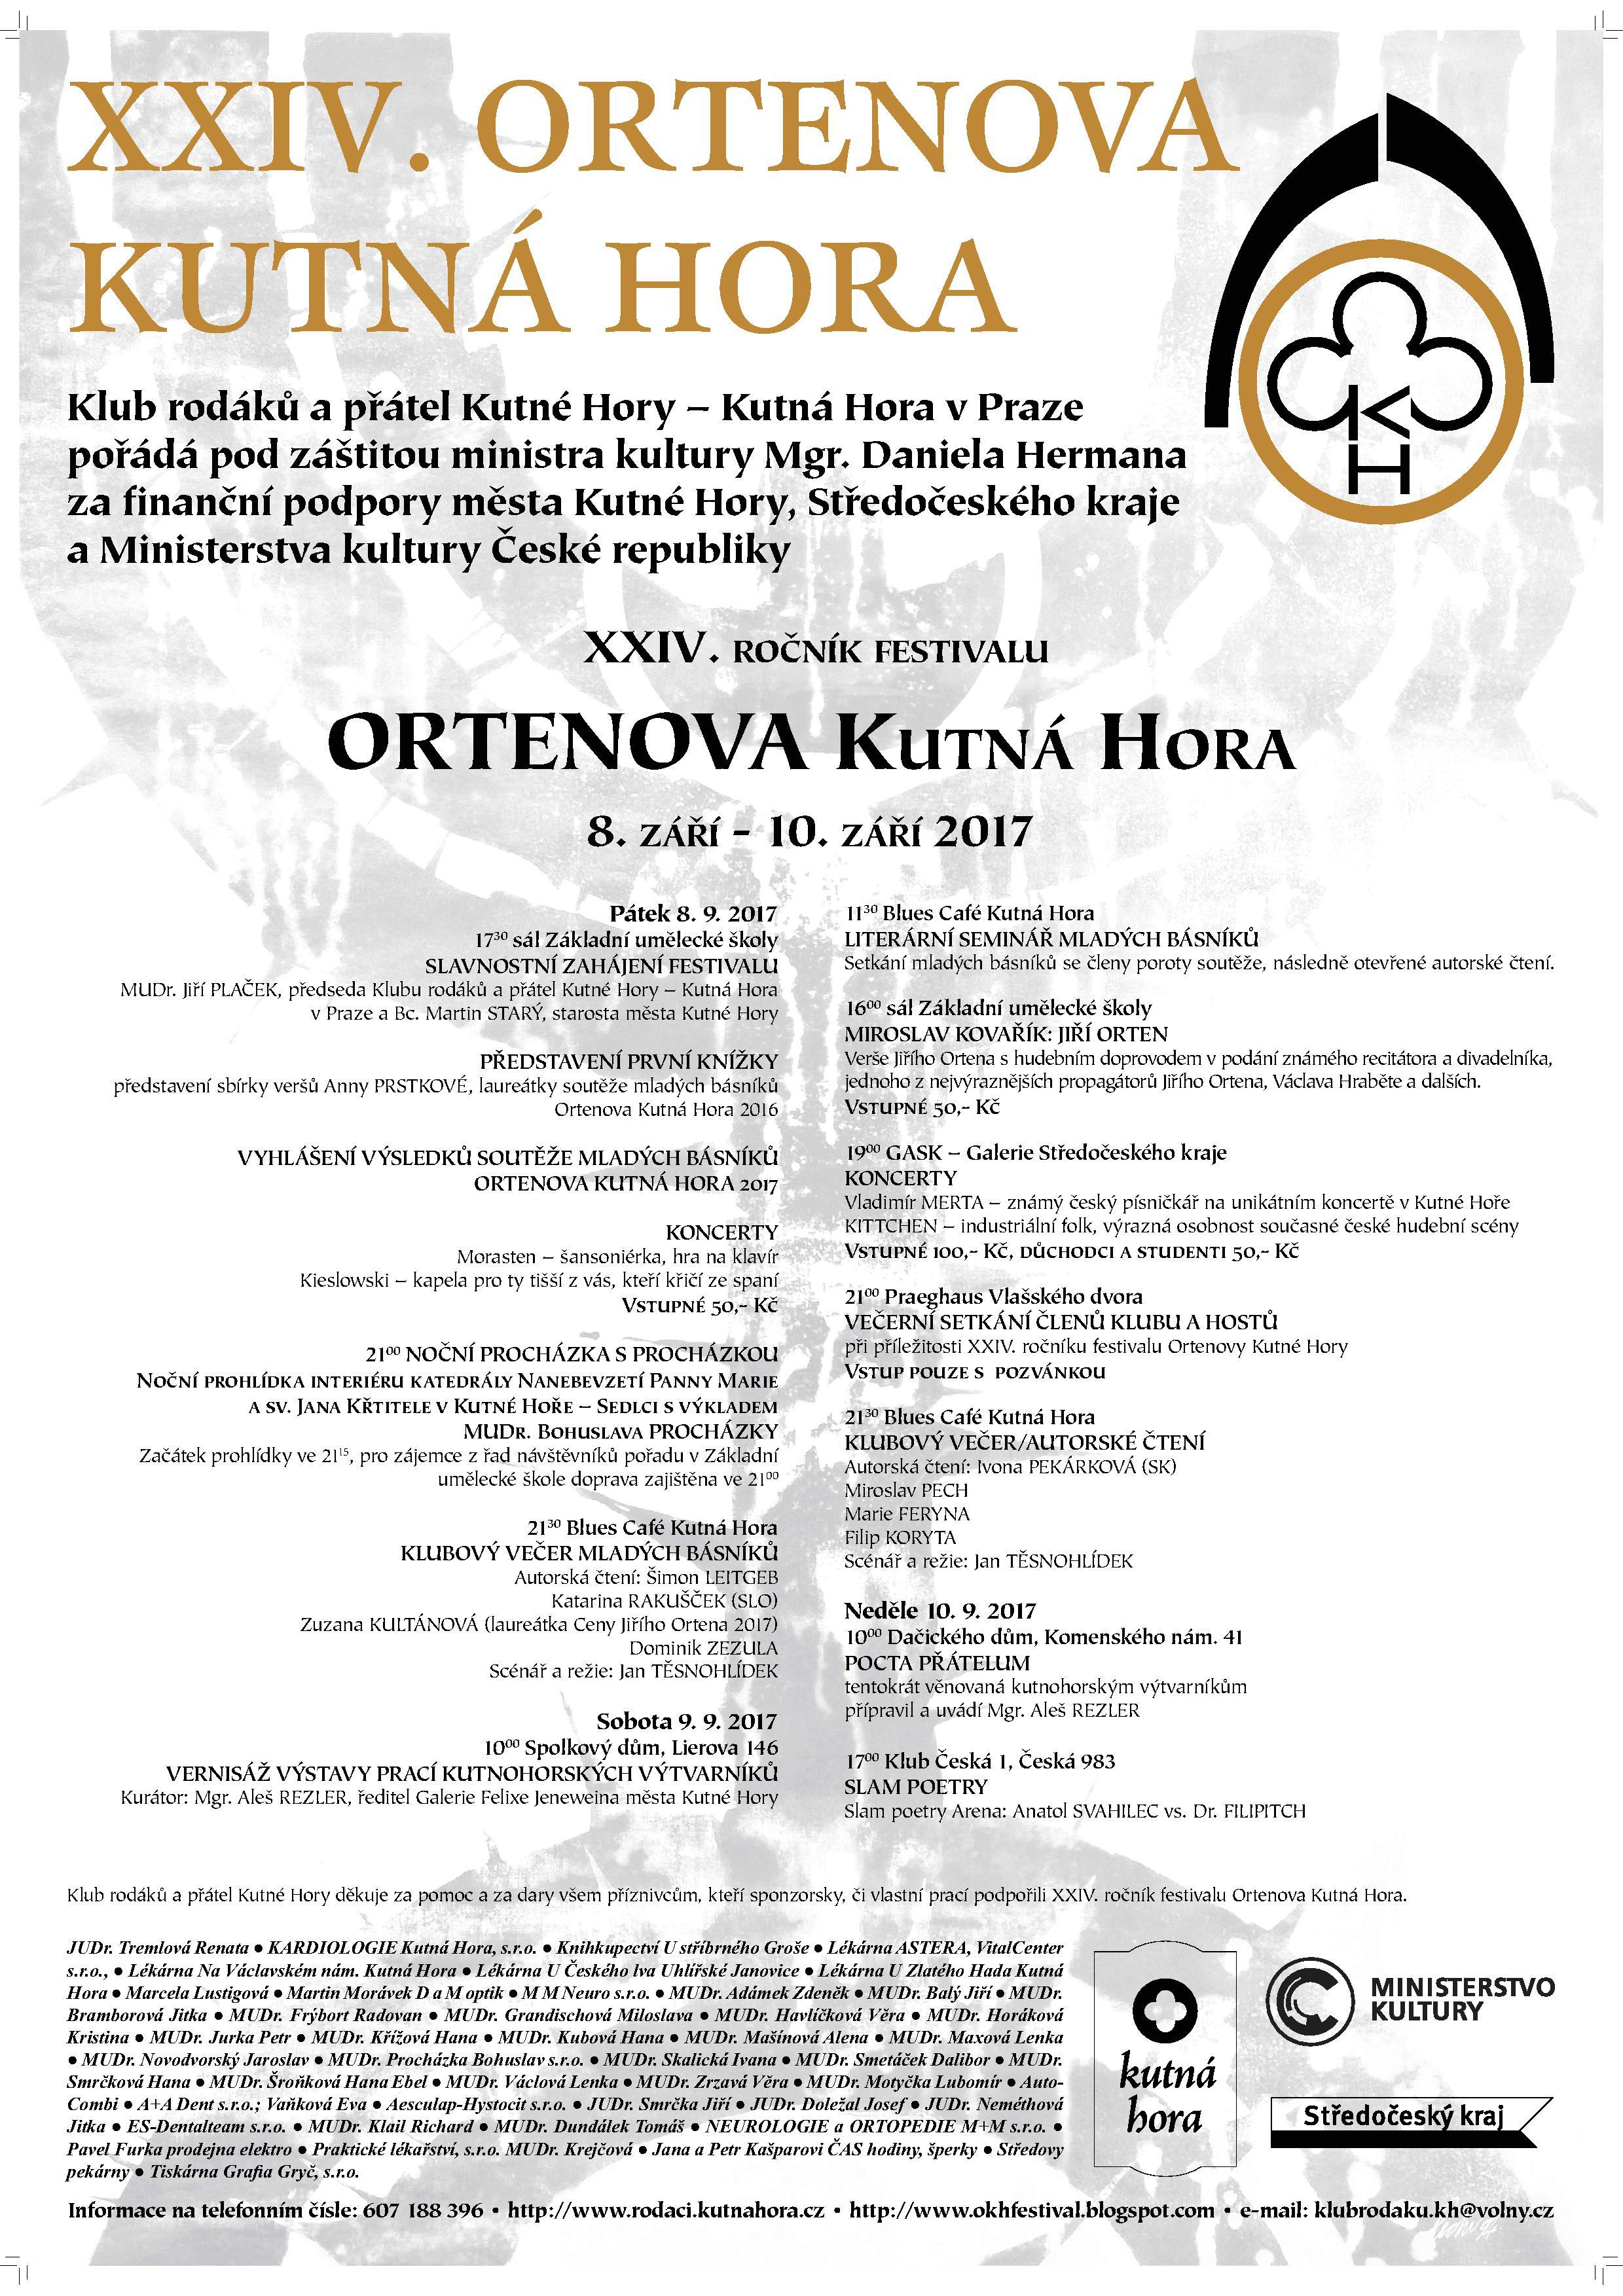 Veranstaltungskalender, Kutn Hora - mstsk informan portl